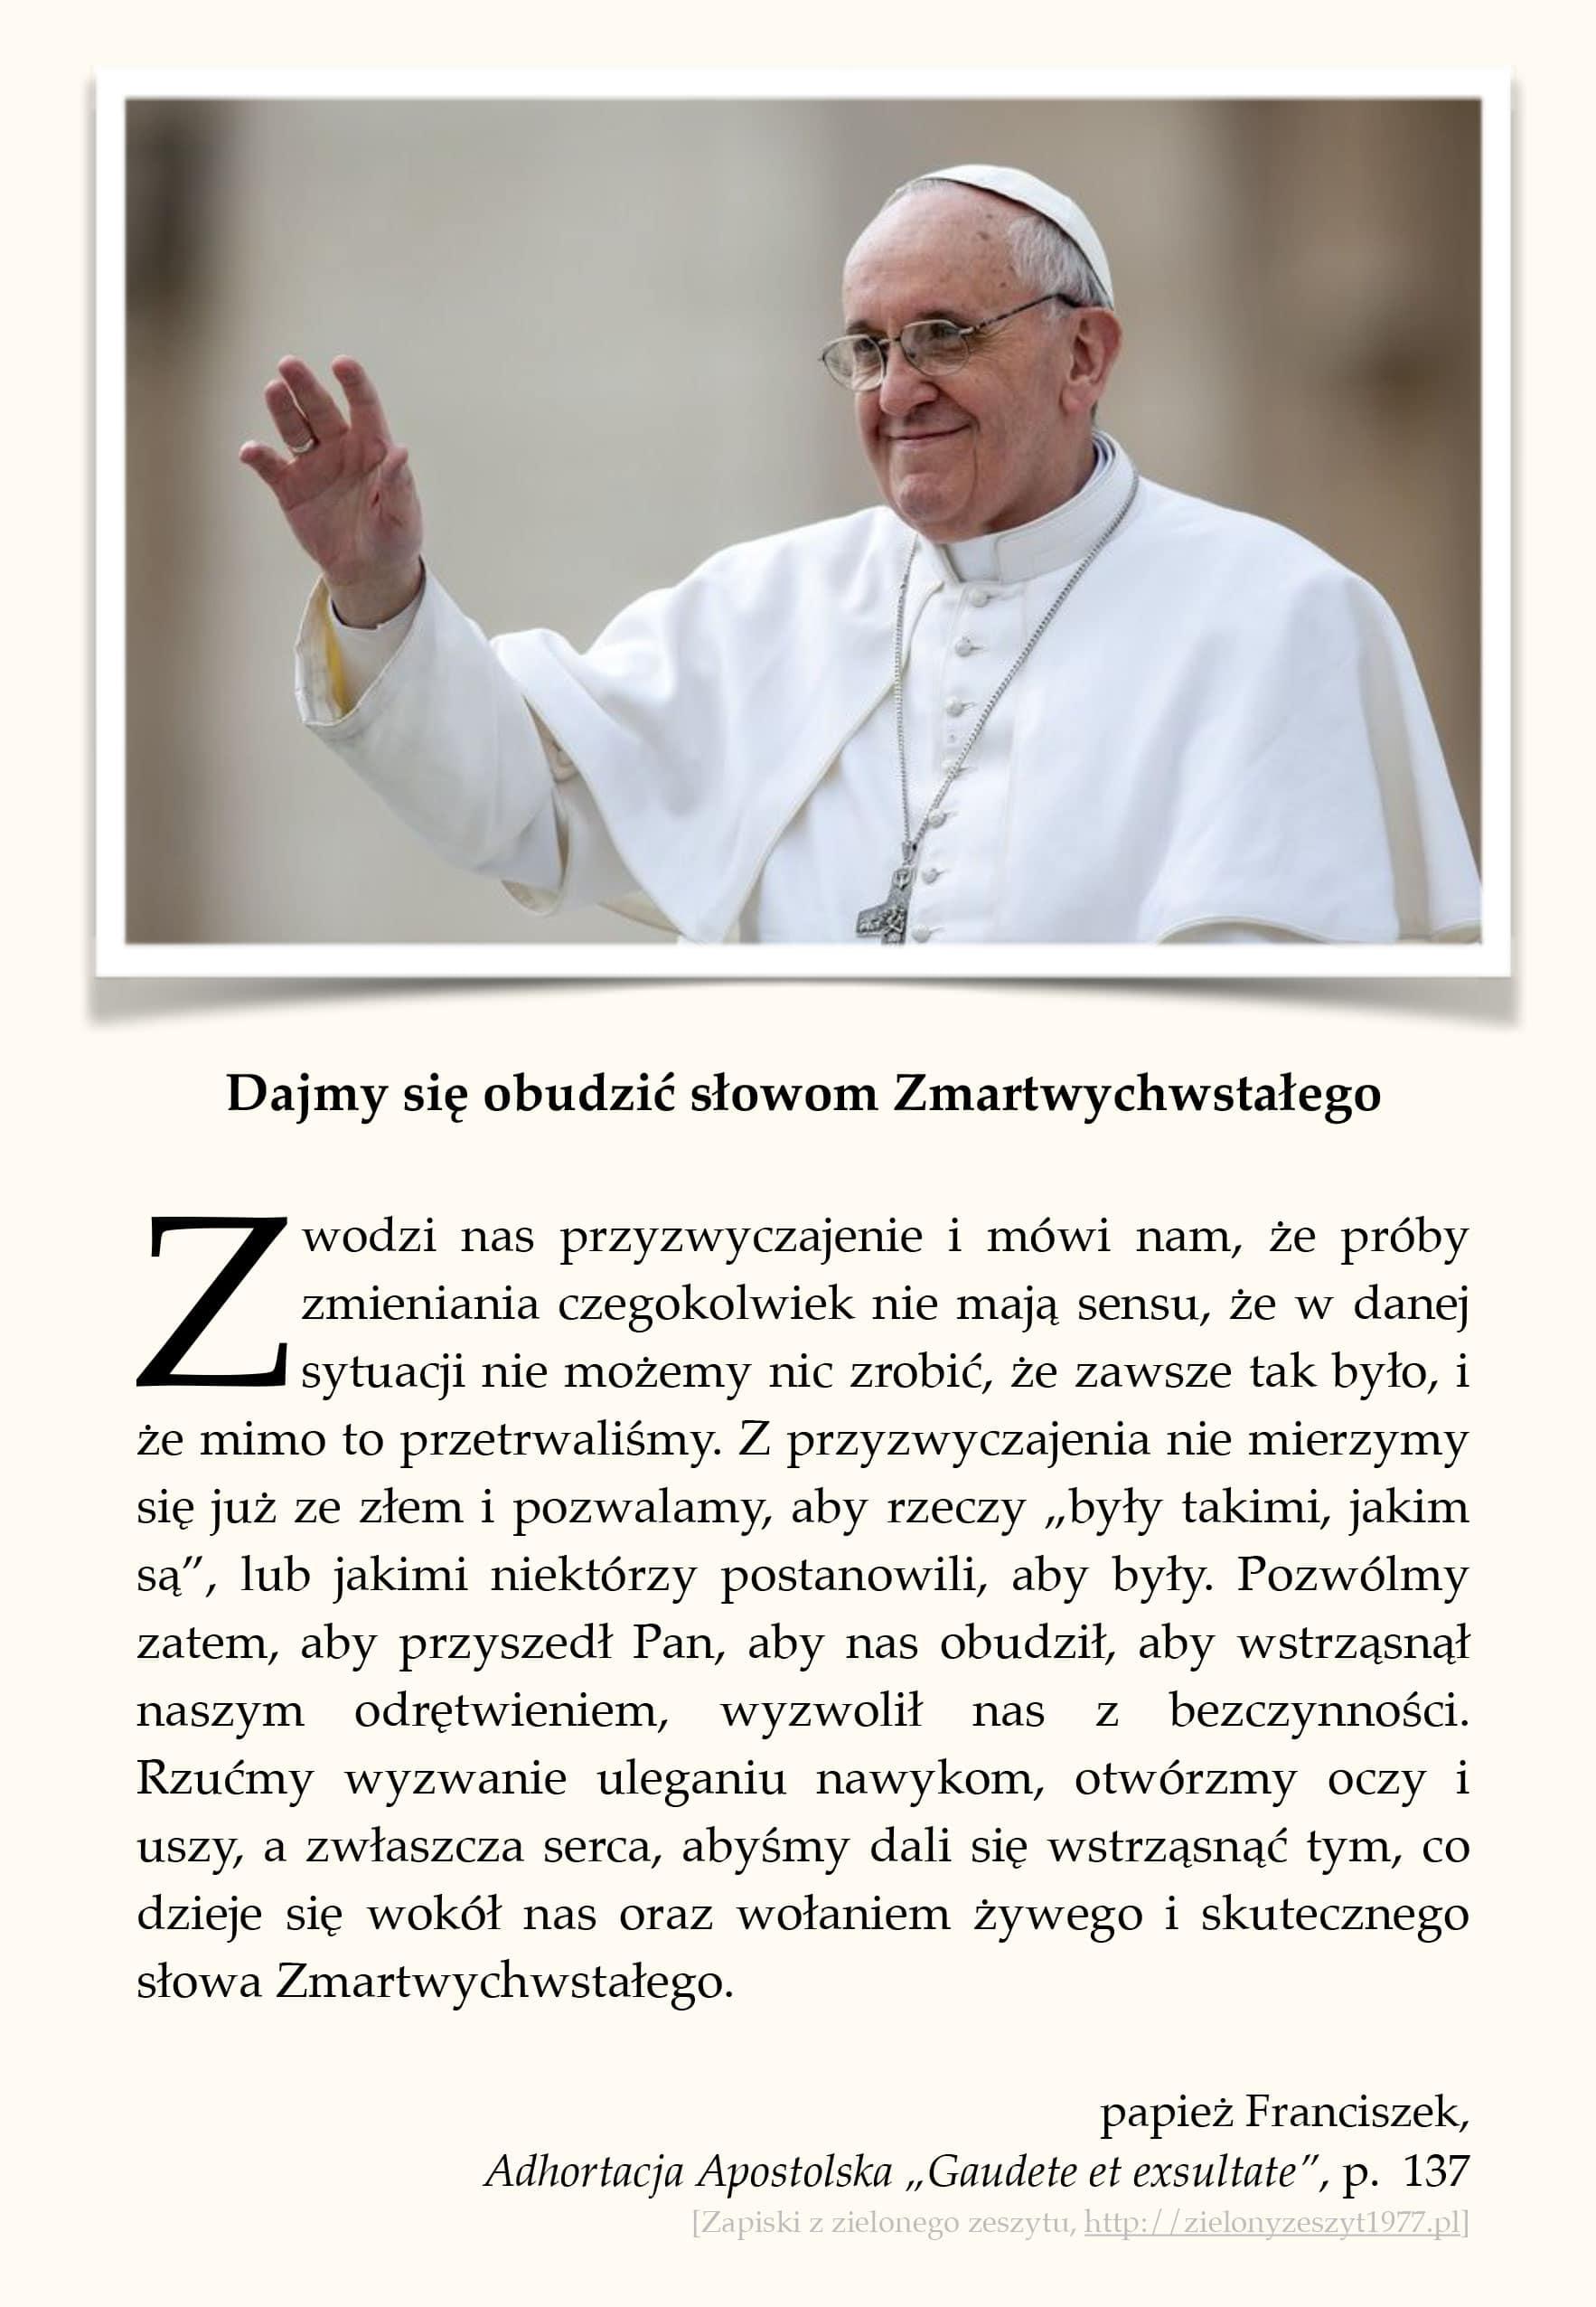 """papież Franciszek, Adhortacja Apostolska """"Gaudete et exsultate"""", p. 137 (Dajmy się obudzić słowom Zmartwychwstałego)"""